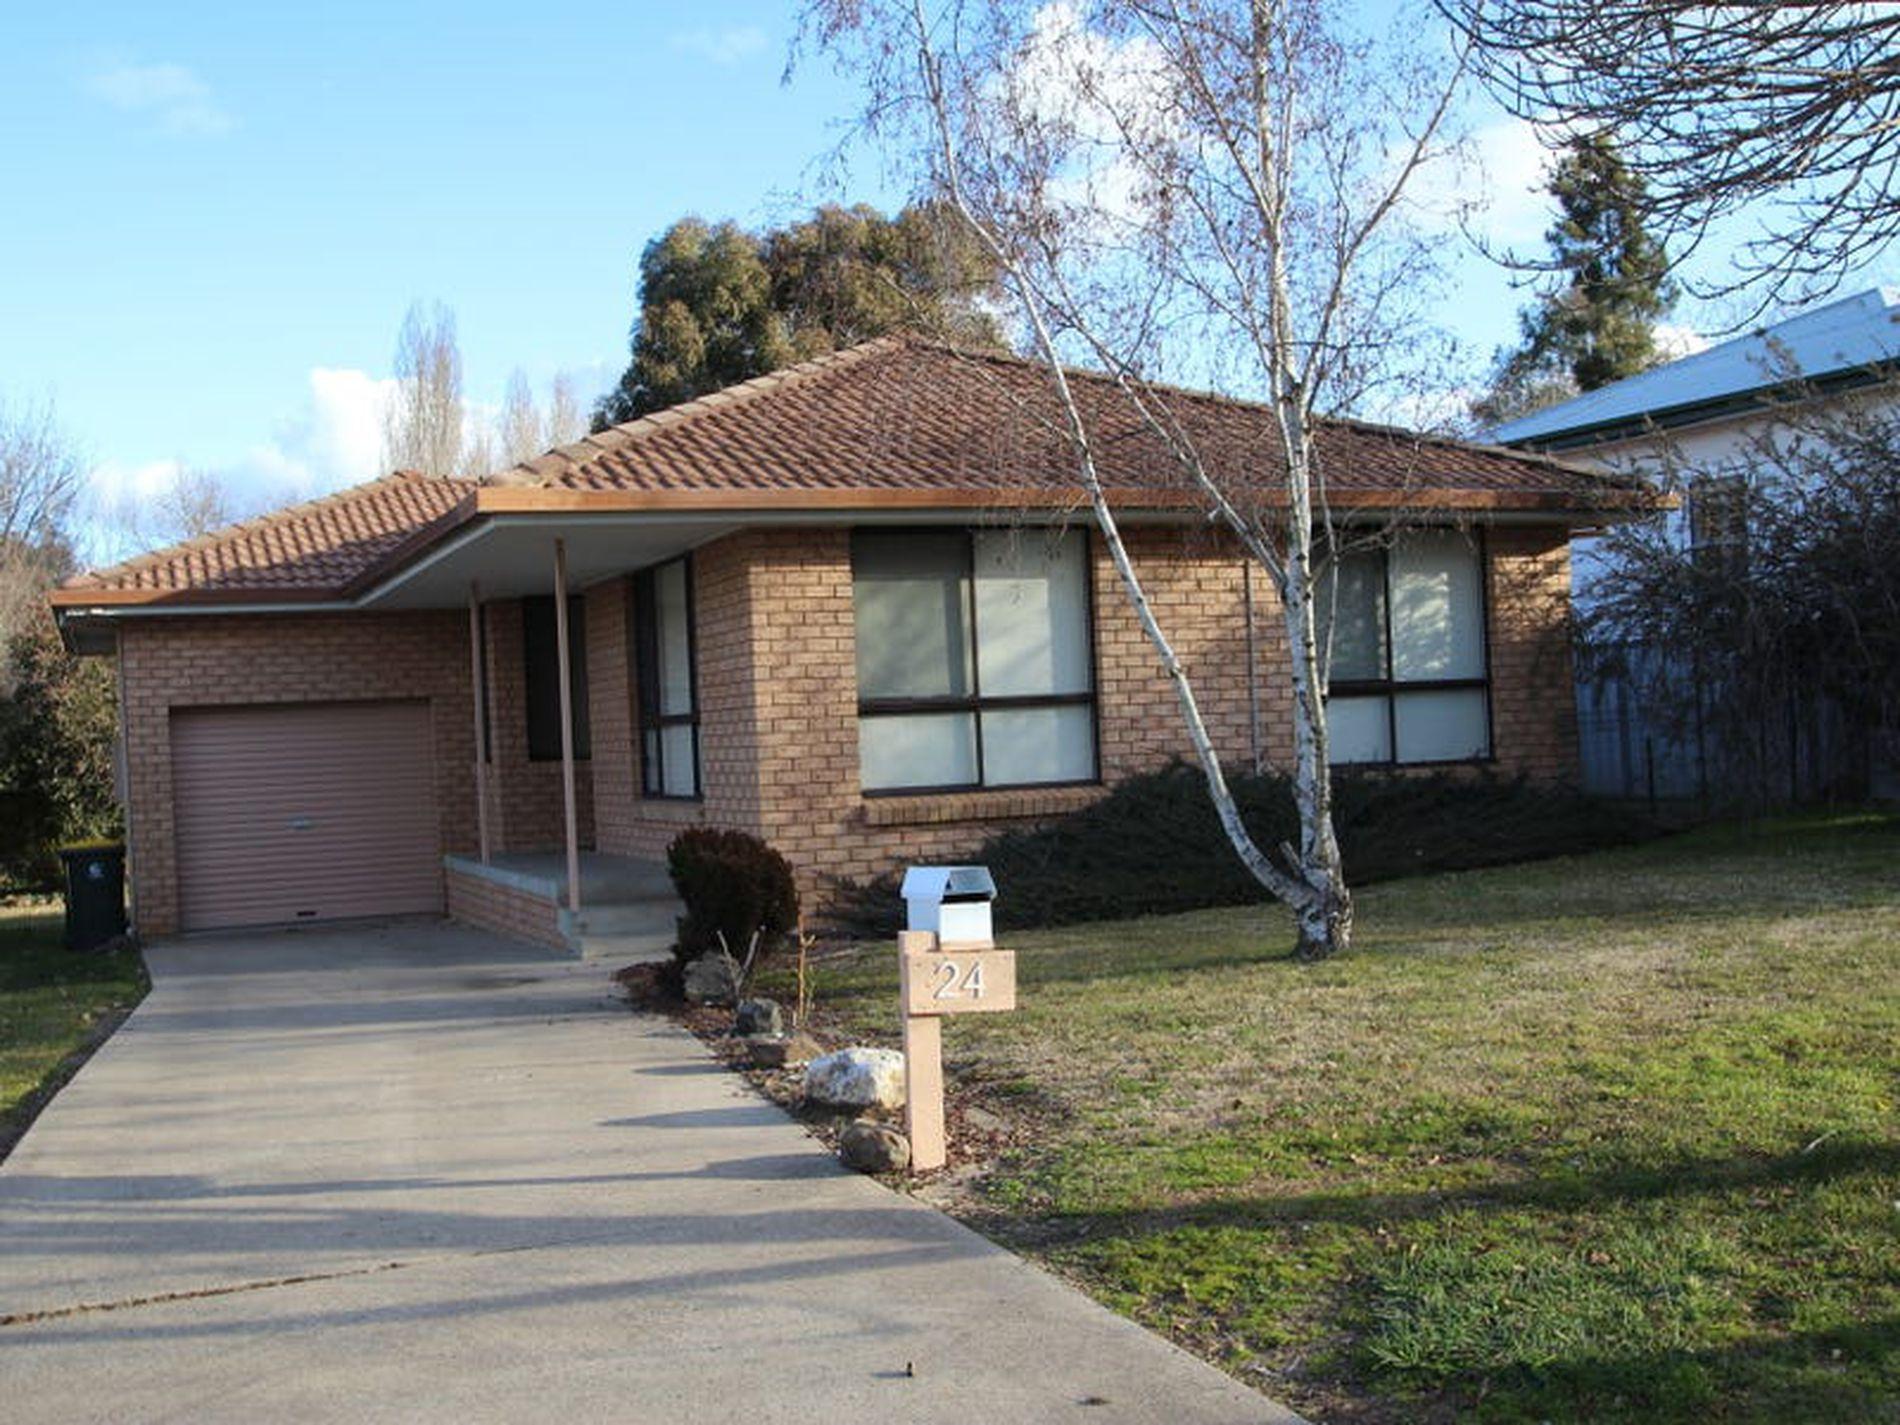 24 Collwood Crescent, Orange